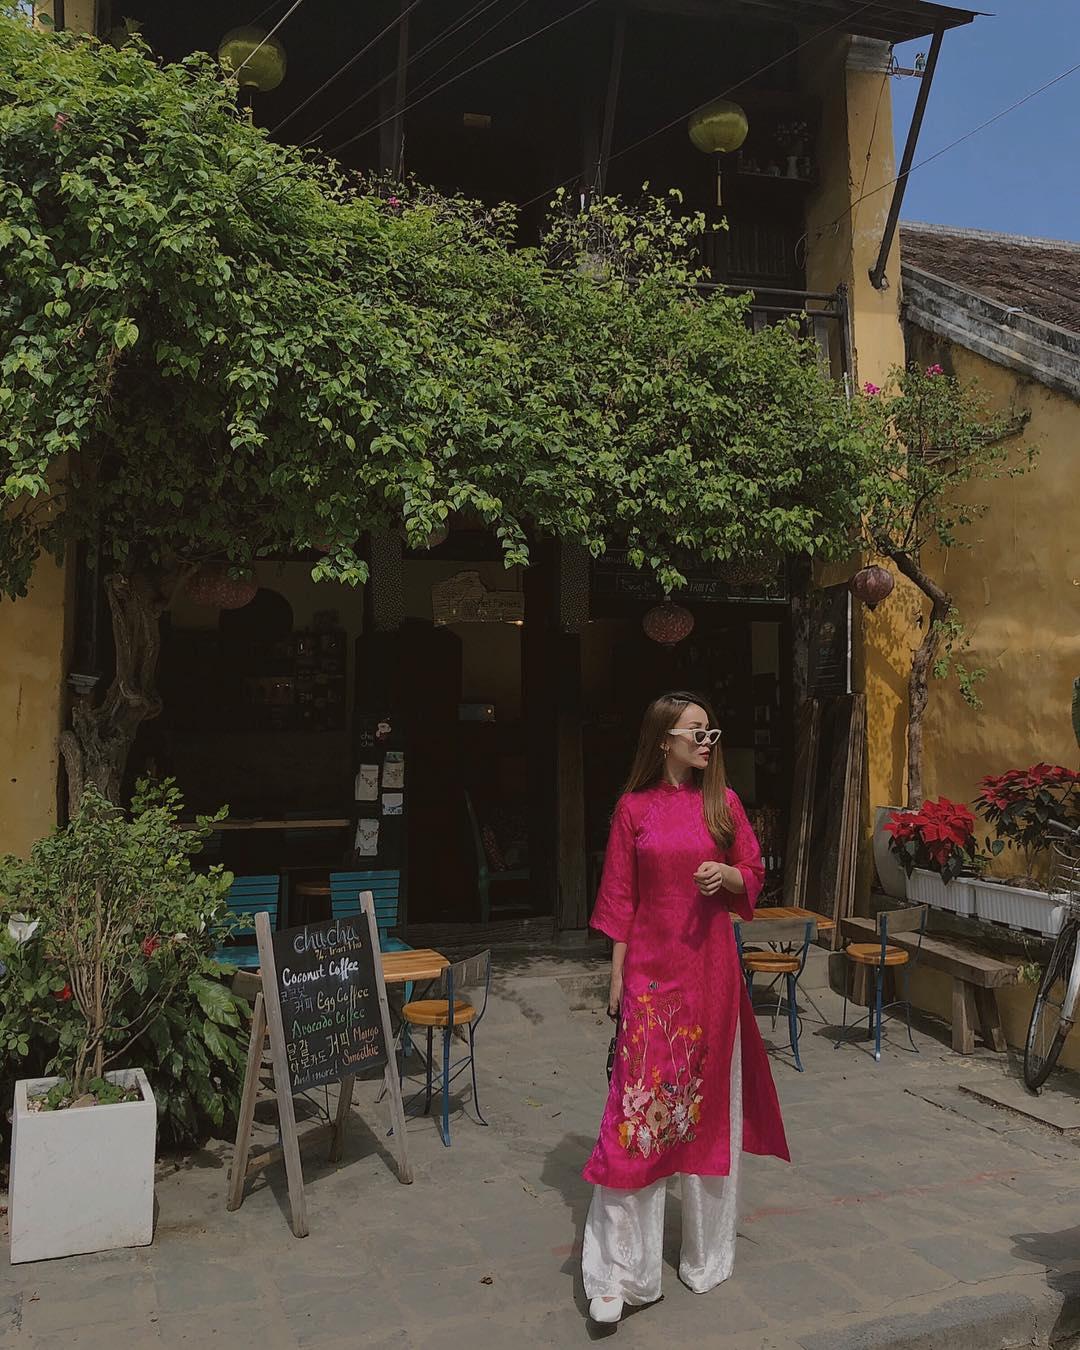 Phối đồ du lịch phố cổ như Yến Trang với áo dài màu hồng tía